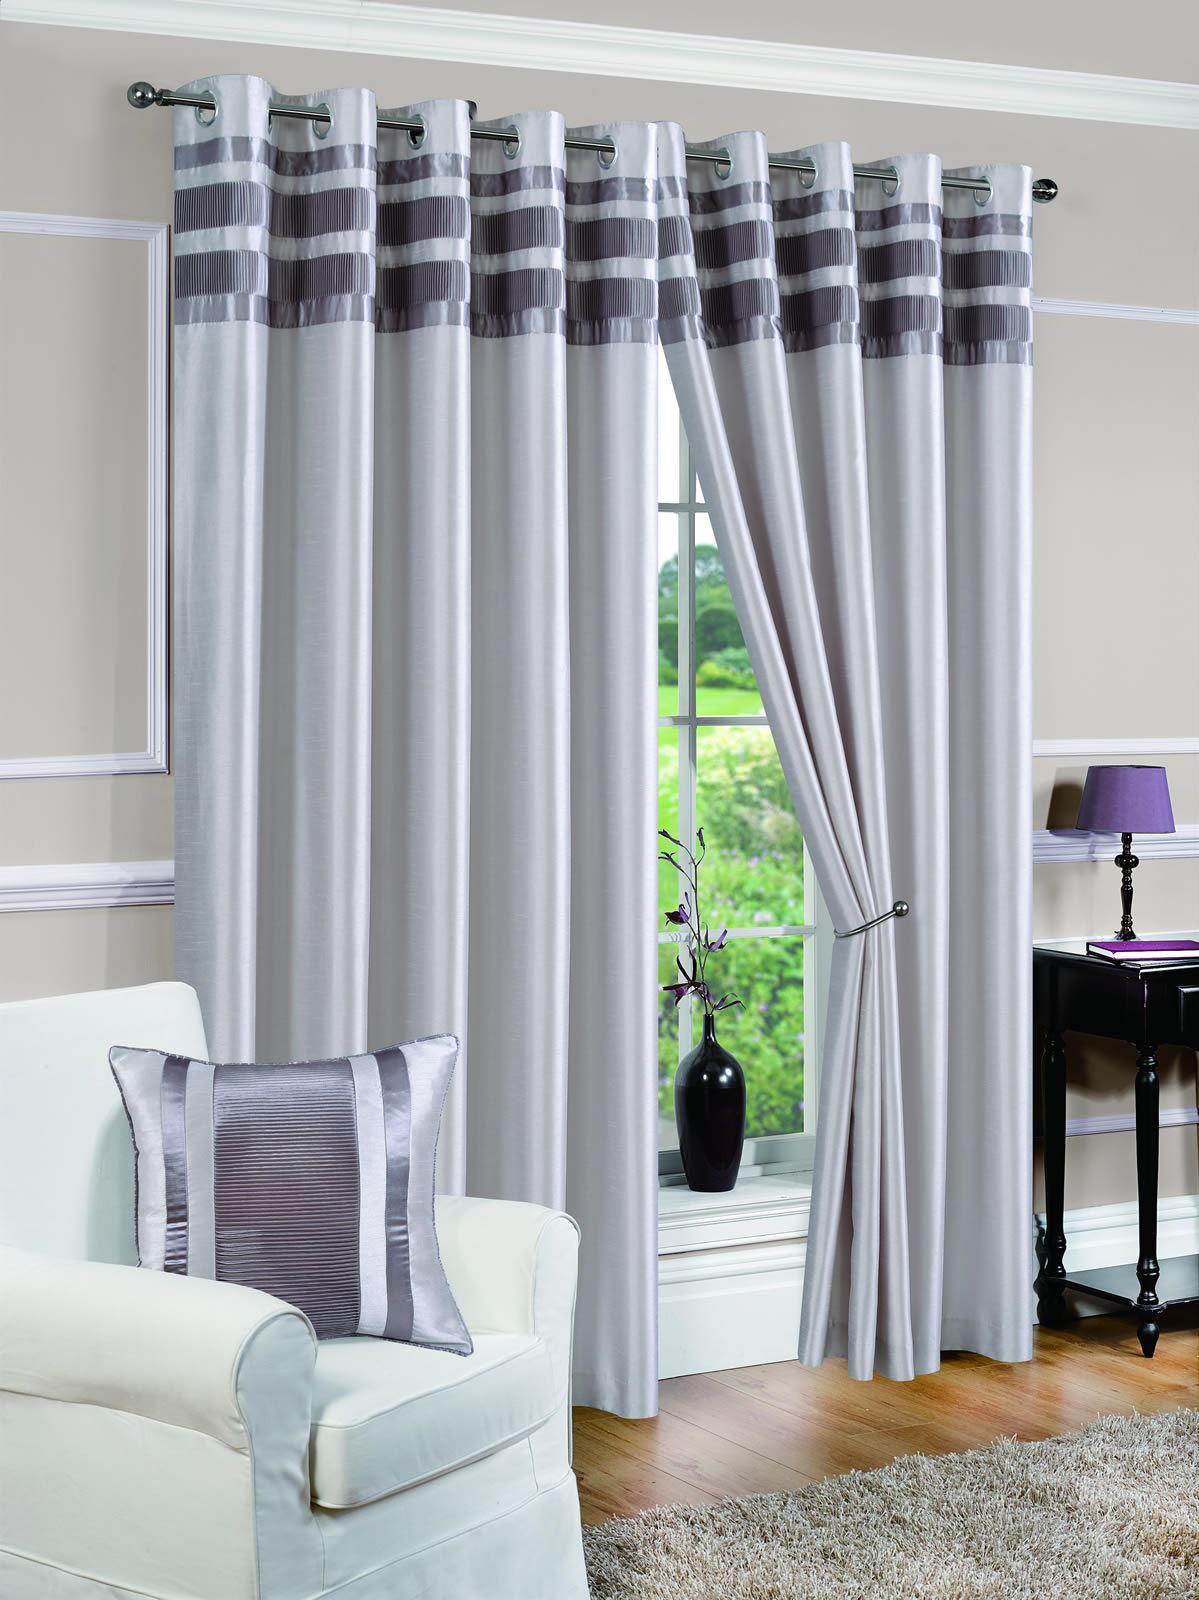 vorh nge gardinen ges umt vorhangpaare denver pin tuck silber ebay. Black Bedroom Furniture Sets. Home Design Ideas